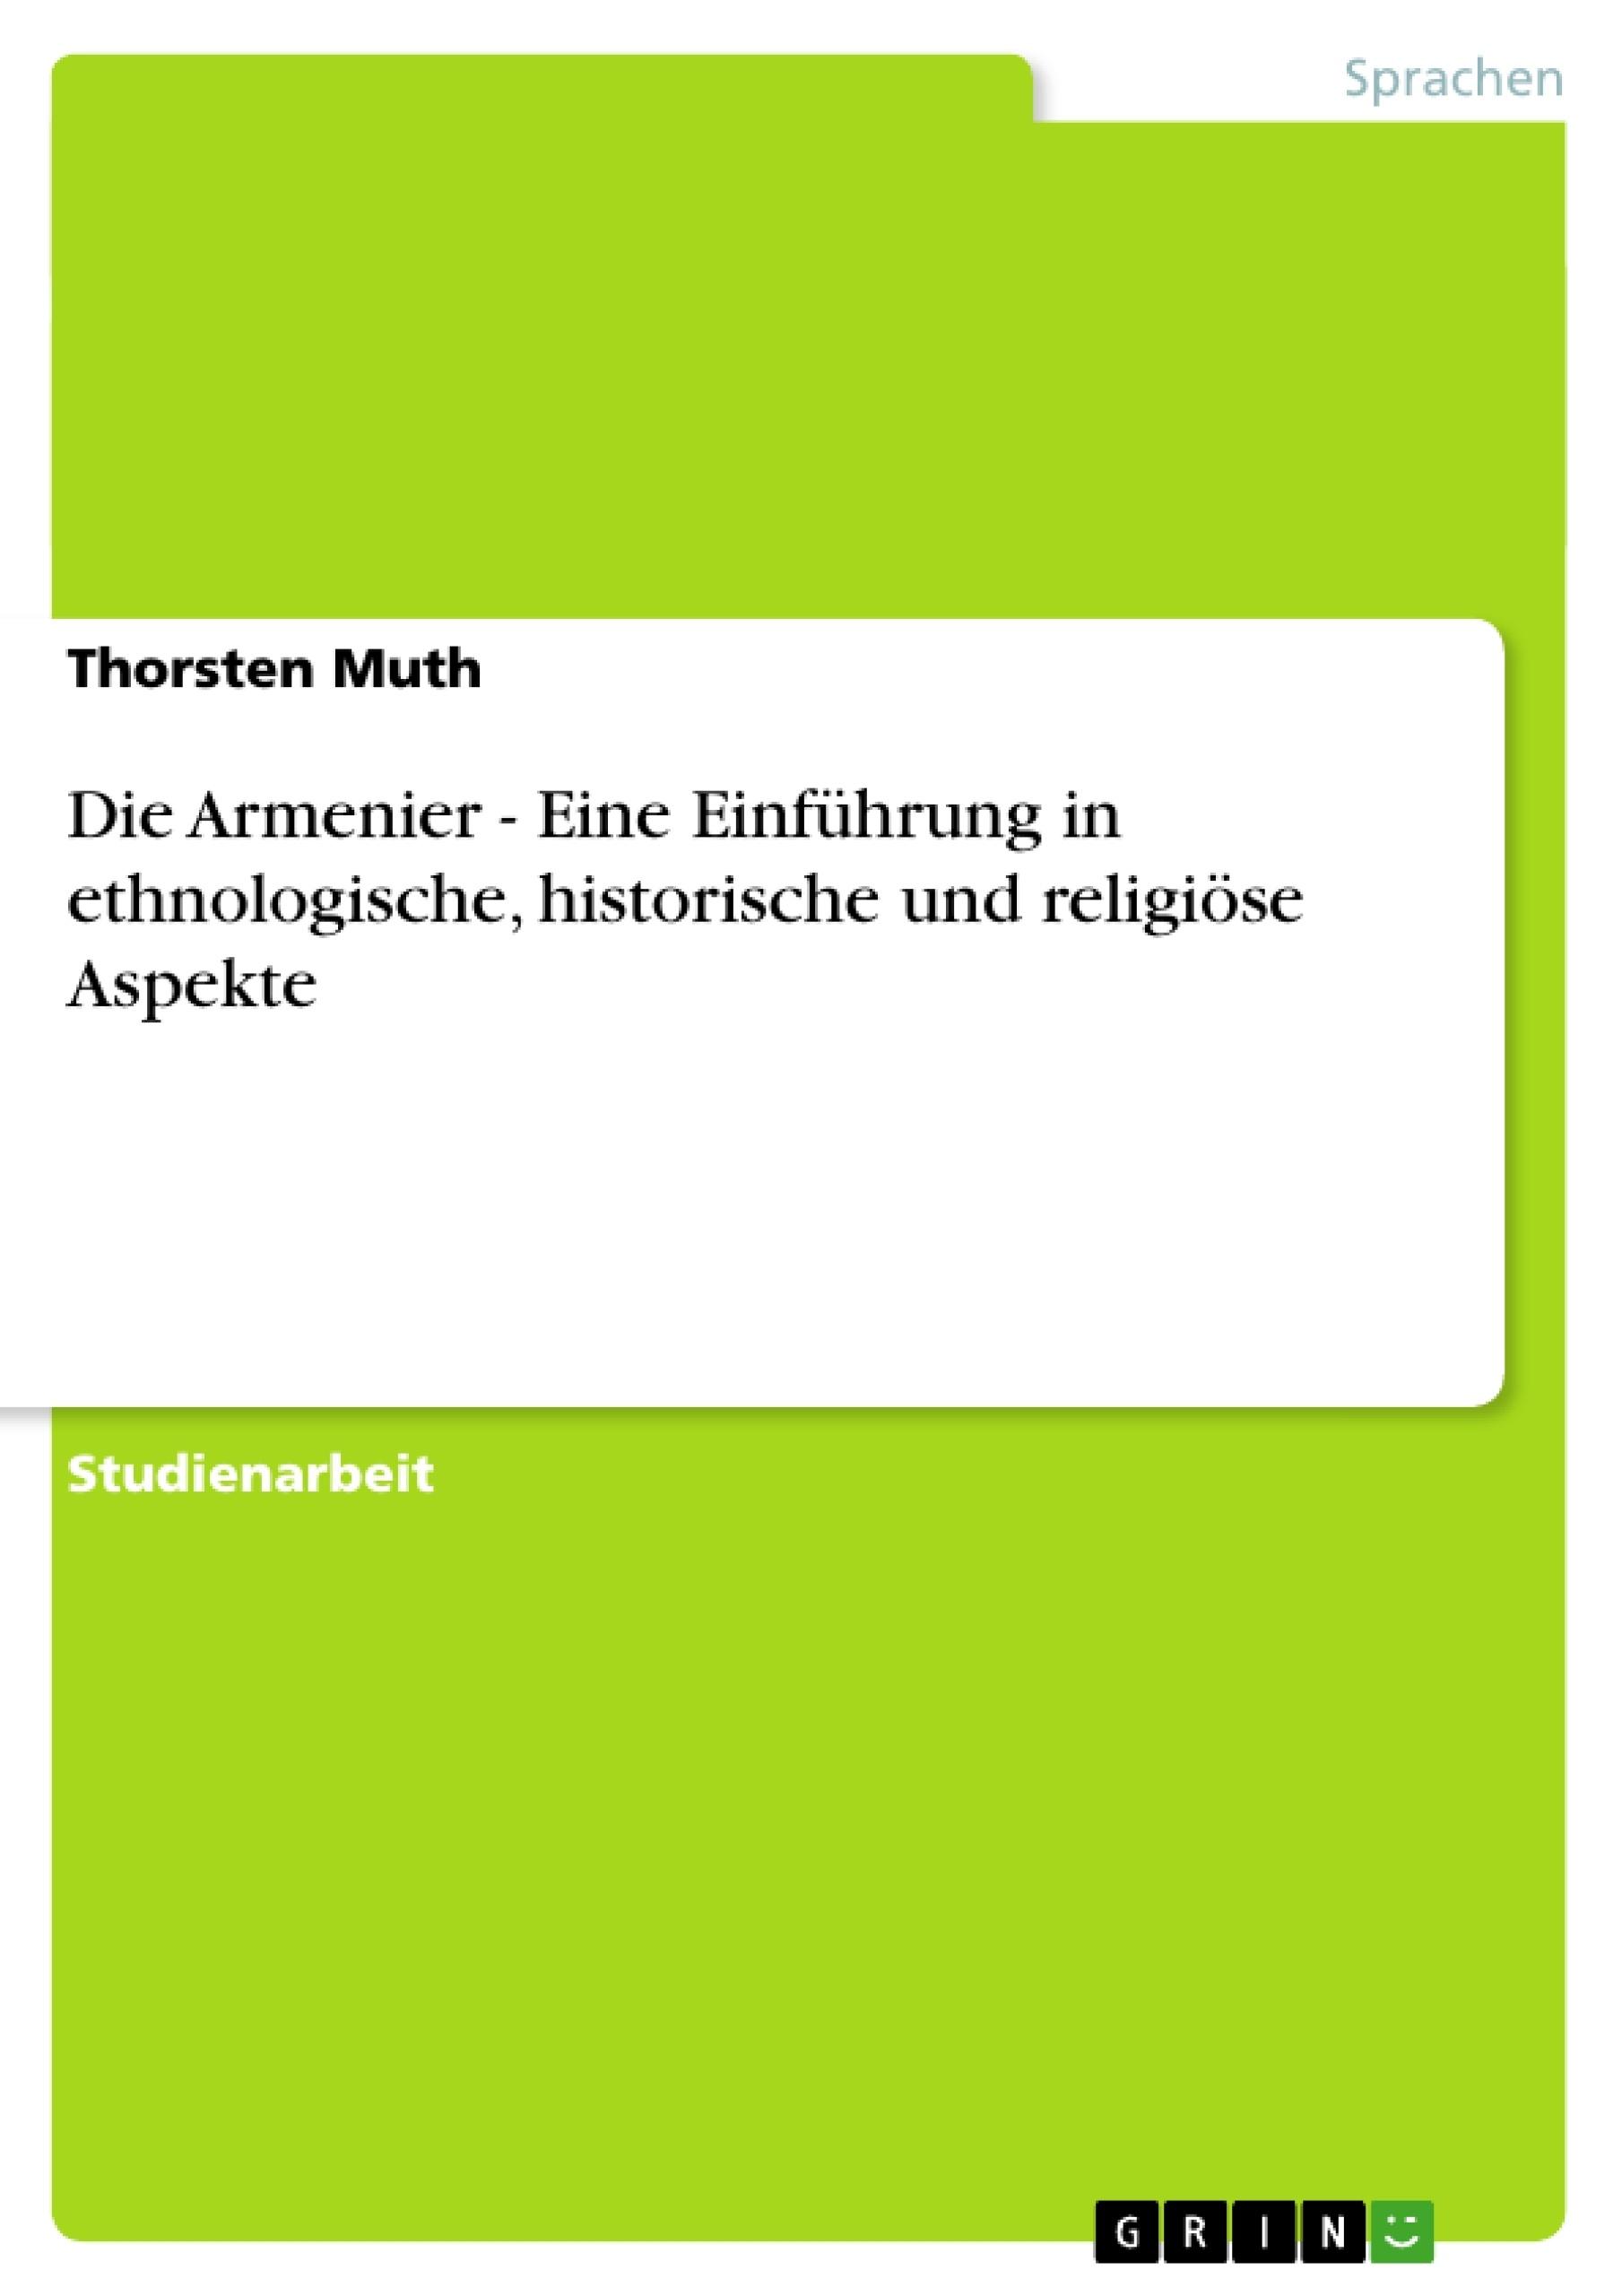 Titel: Die Armenier - Eine Einführung in ethnologische, historische und religiöse Aspekte